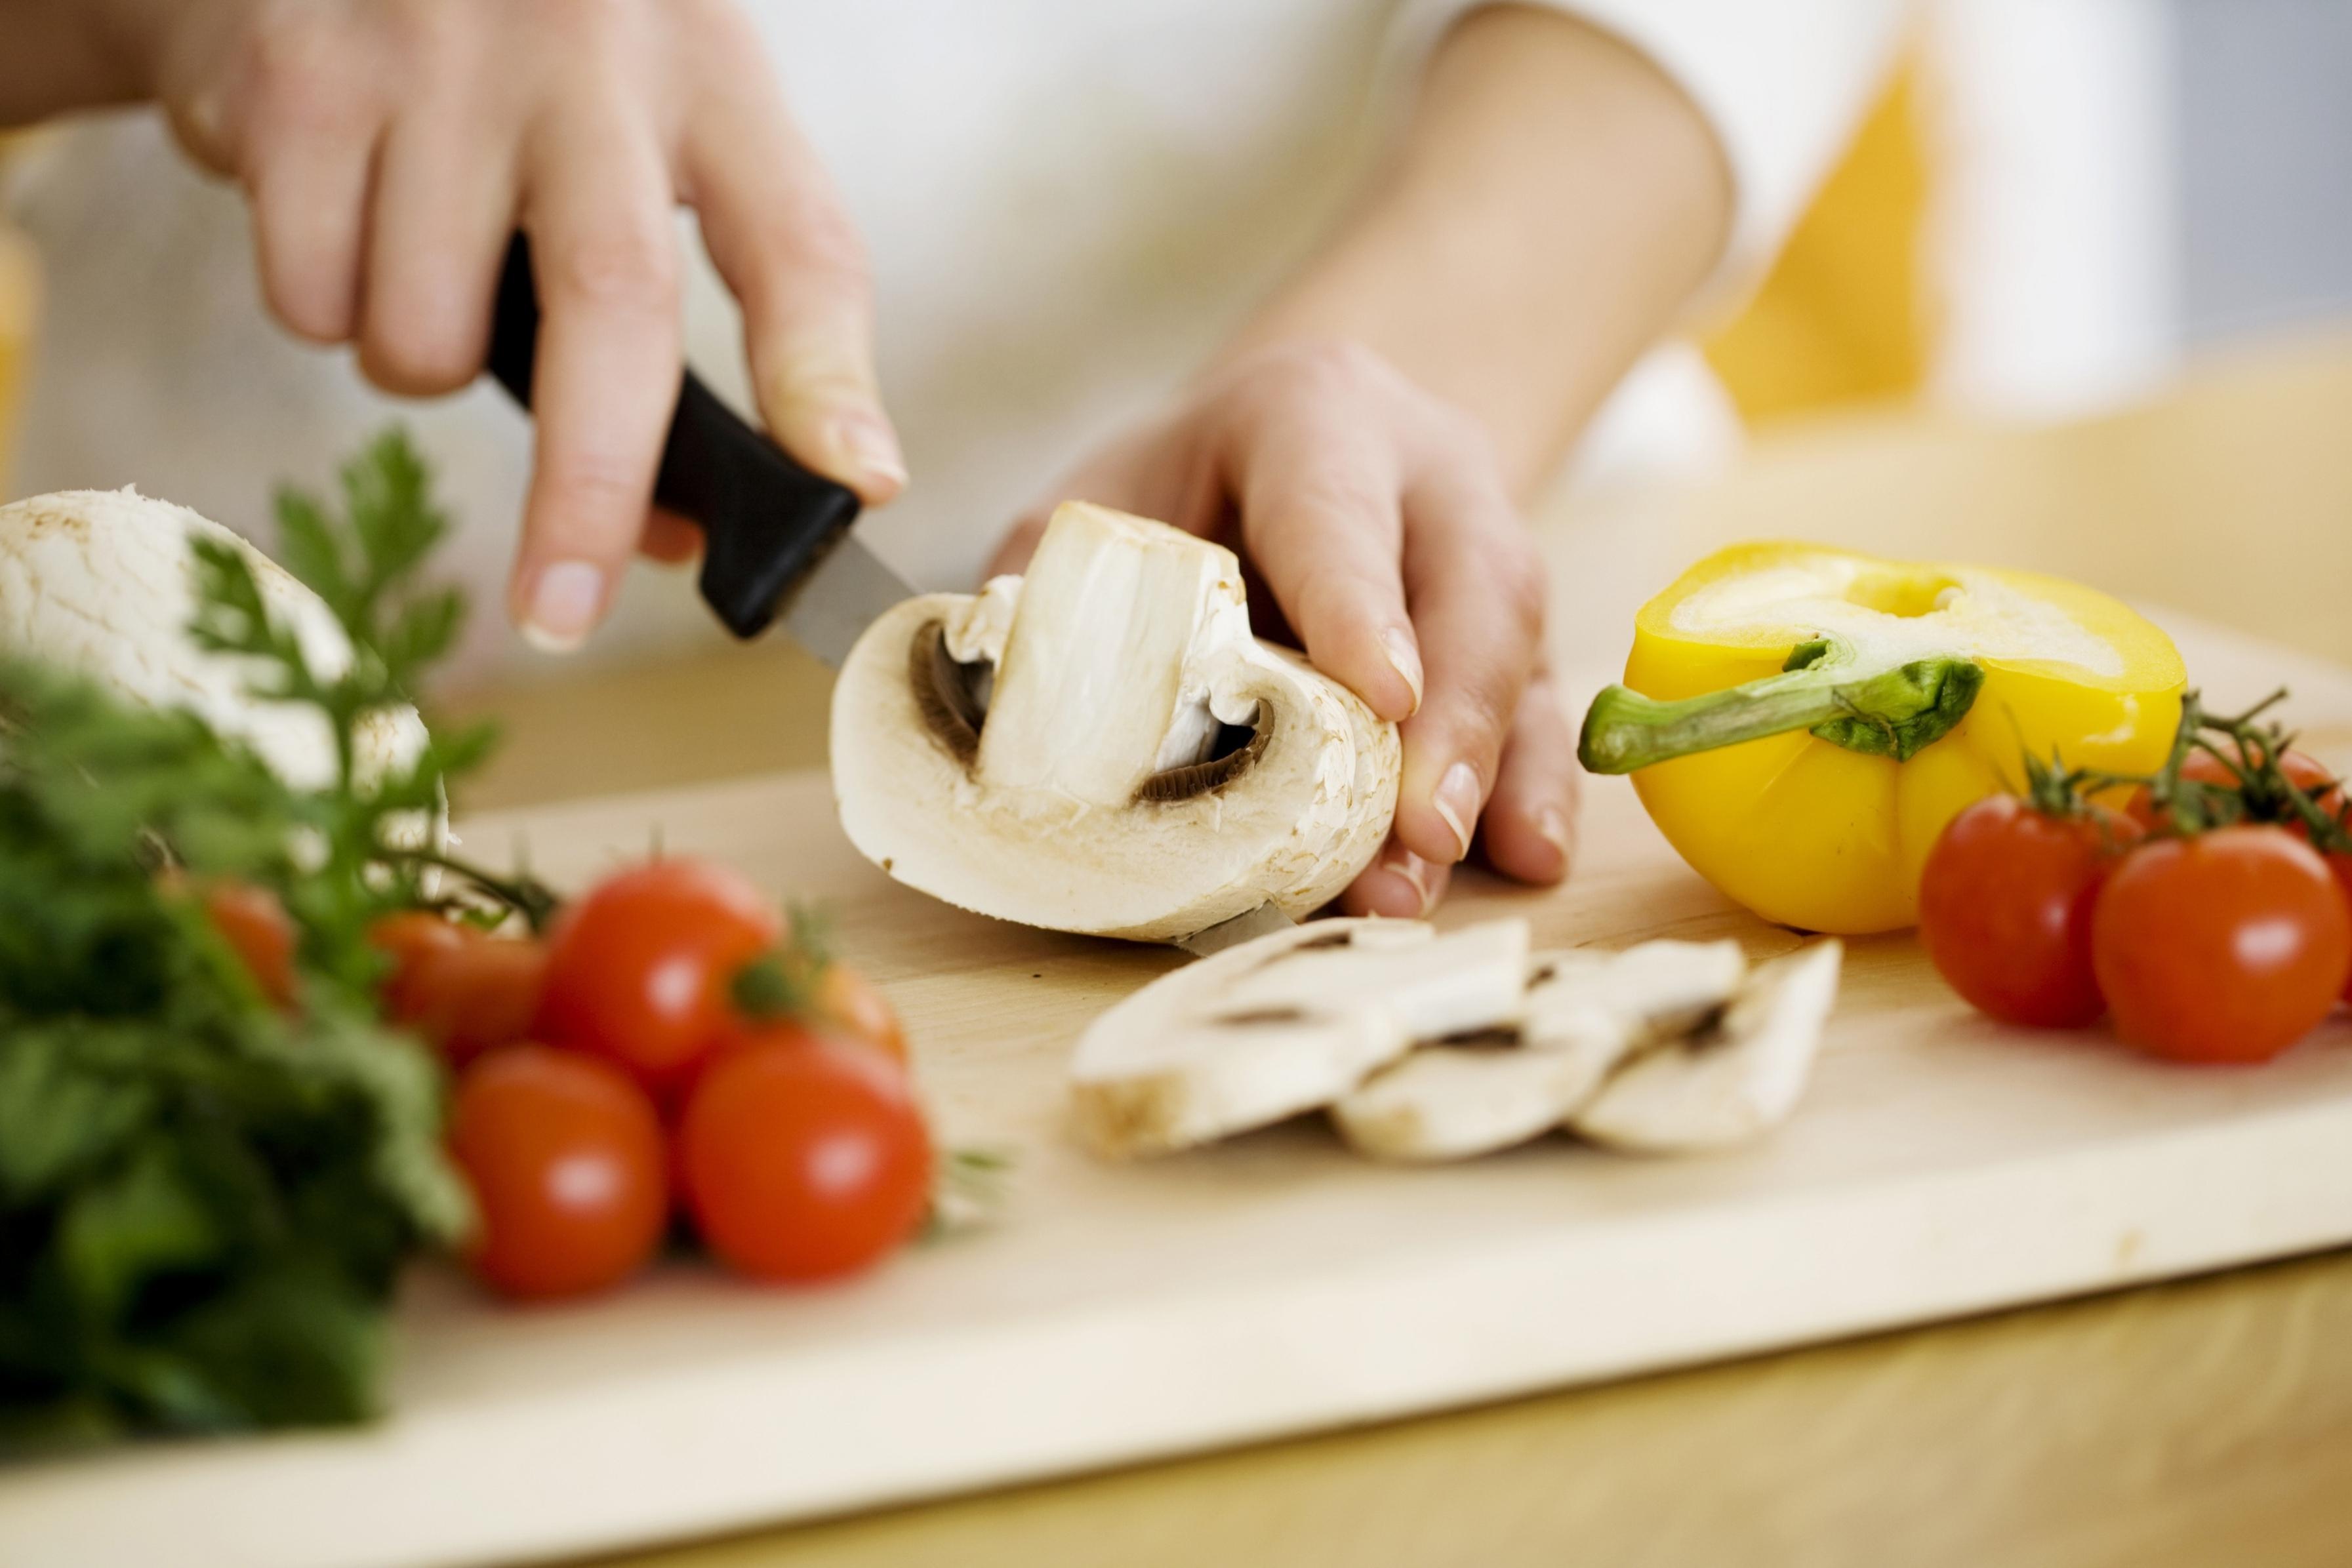 pratik bilgiler, hayatı kolaylaştırma, yemeklerde pratik bilgiler